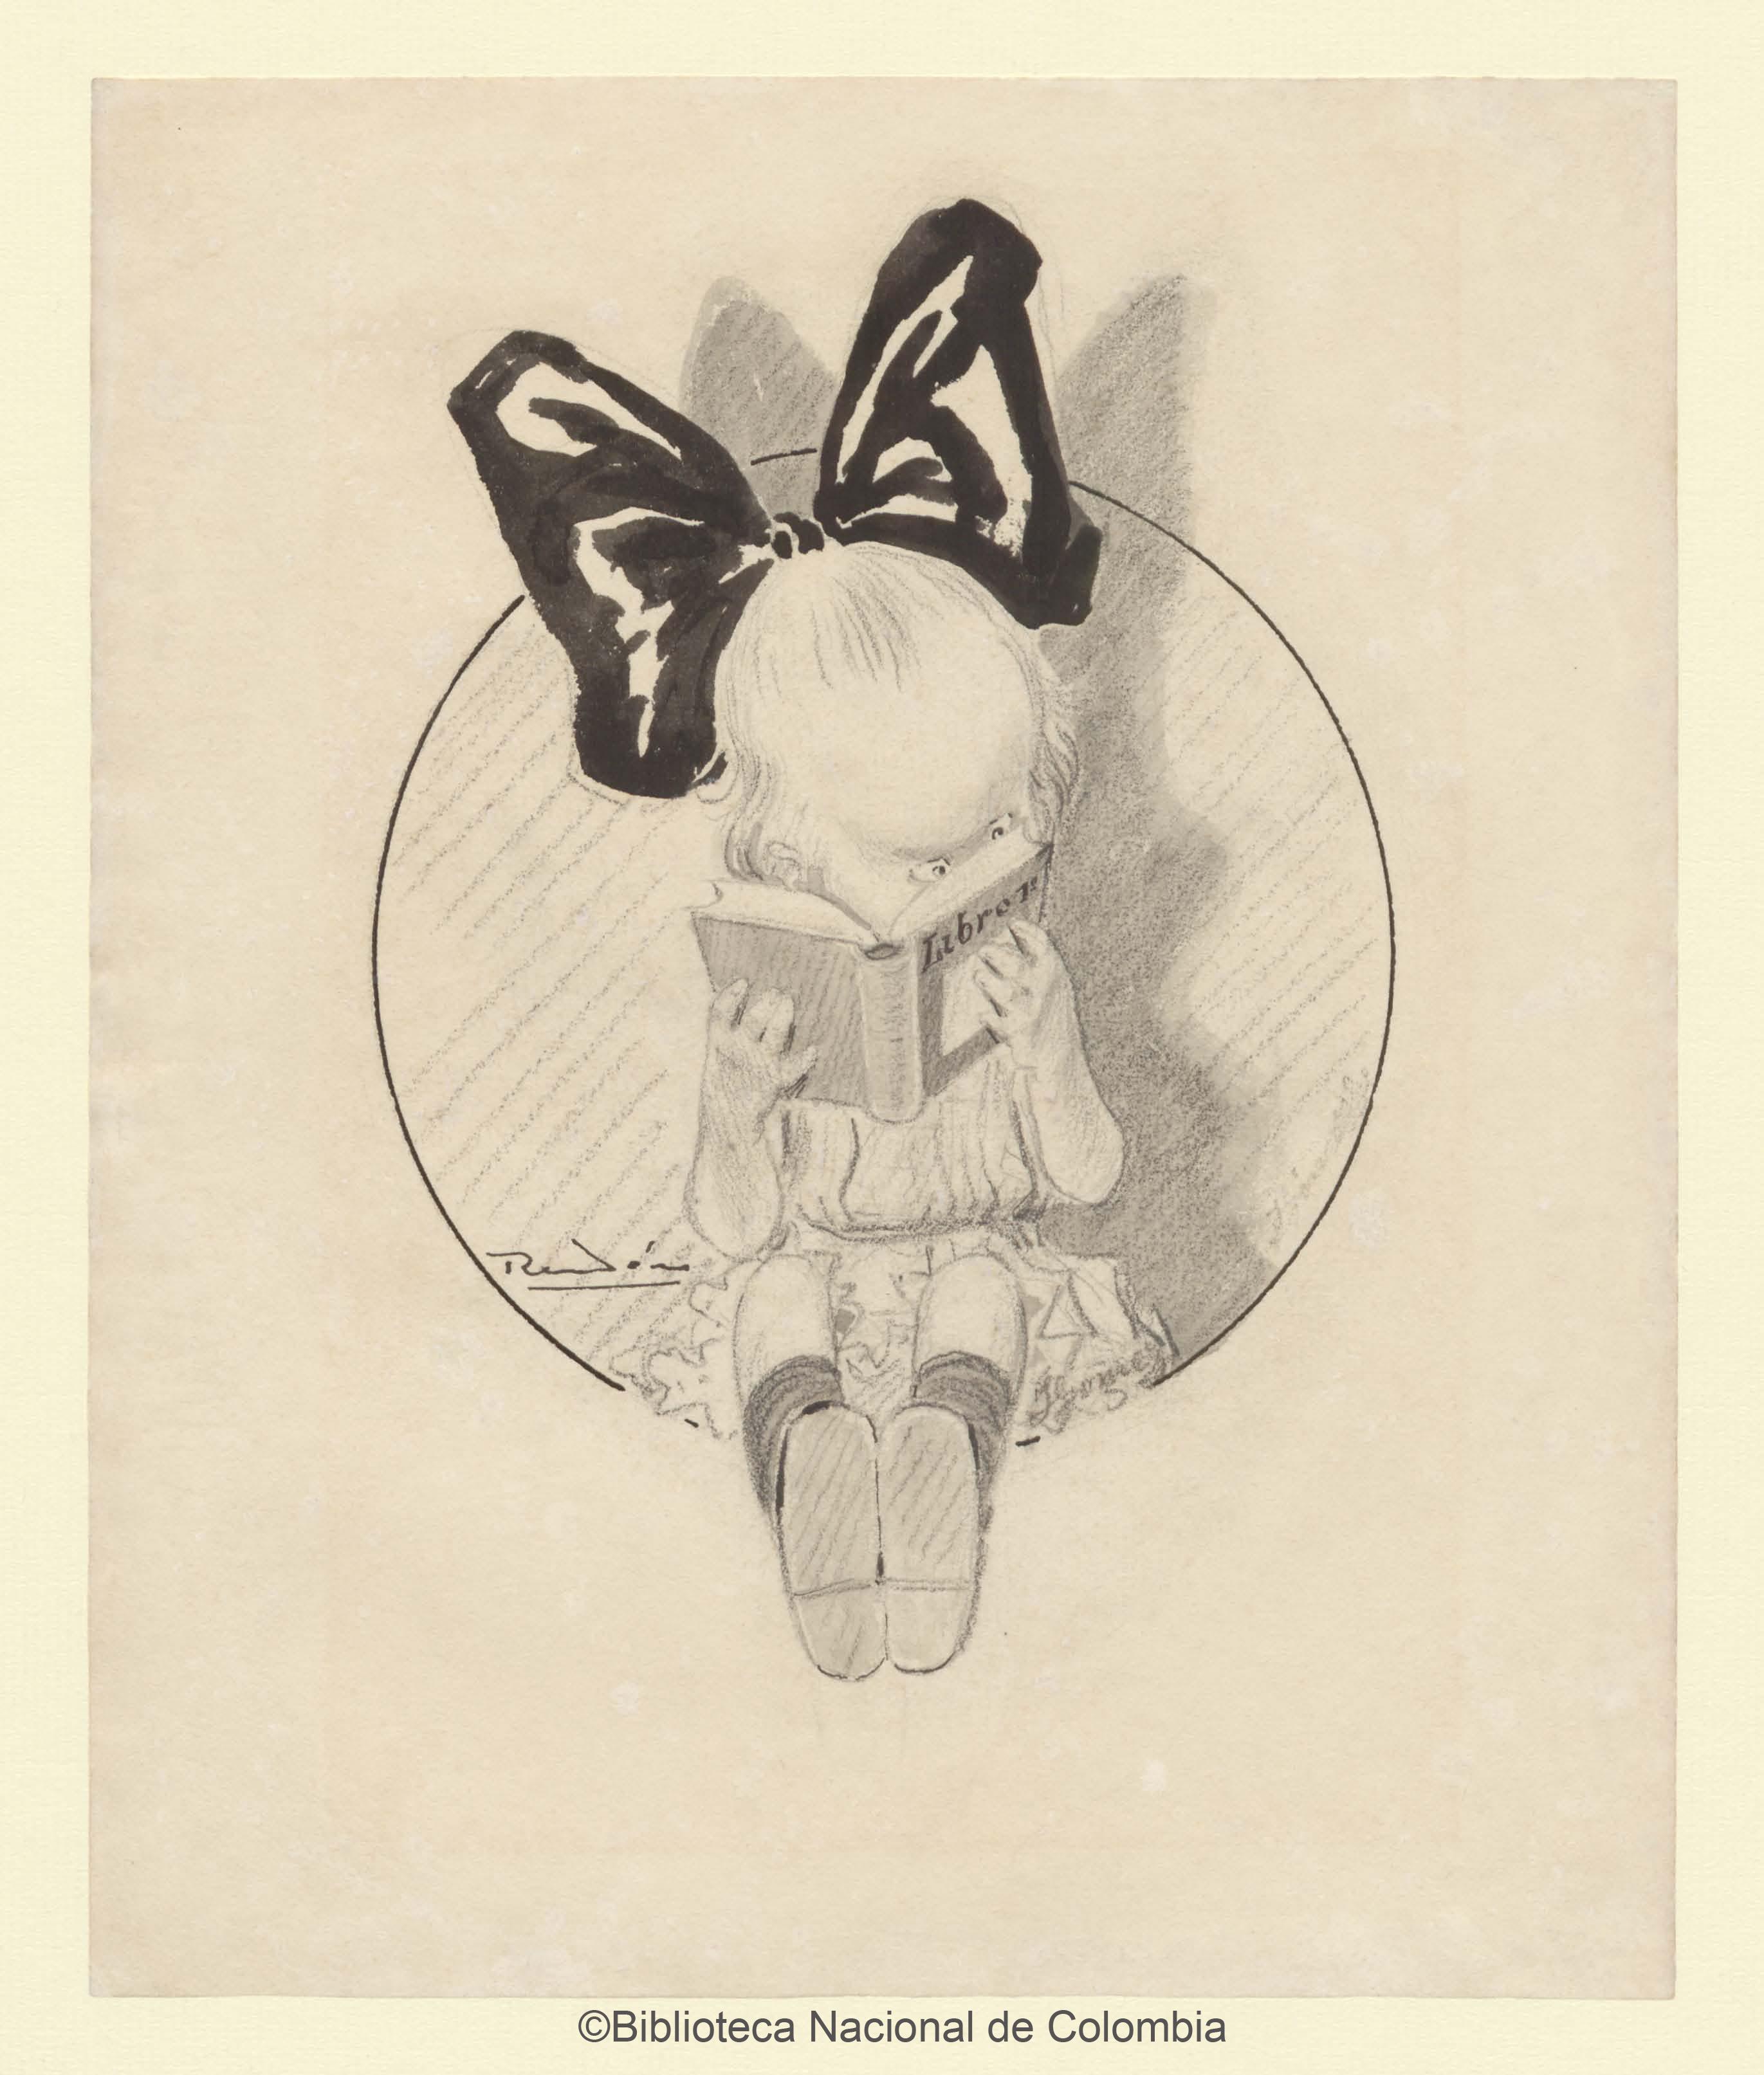 Ver na página original da biblioteca